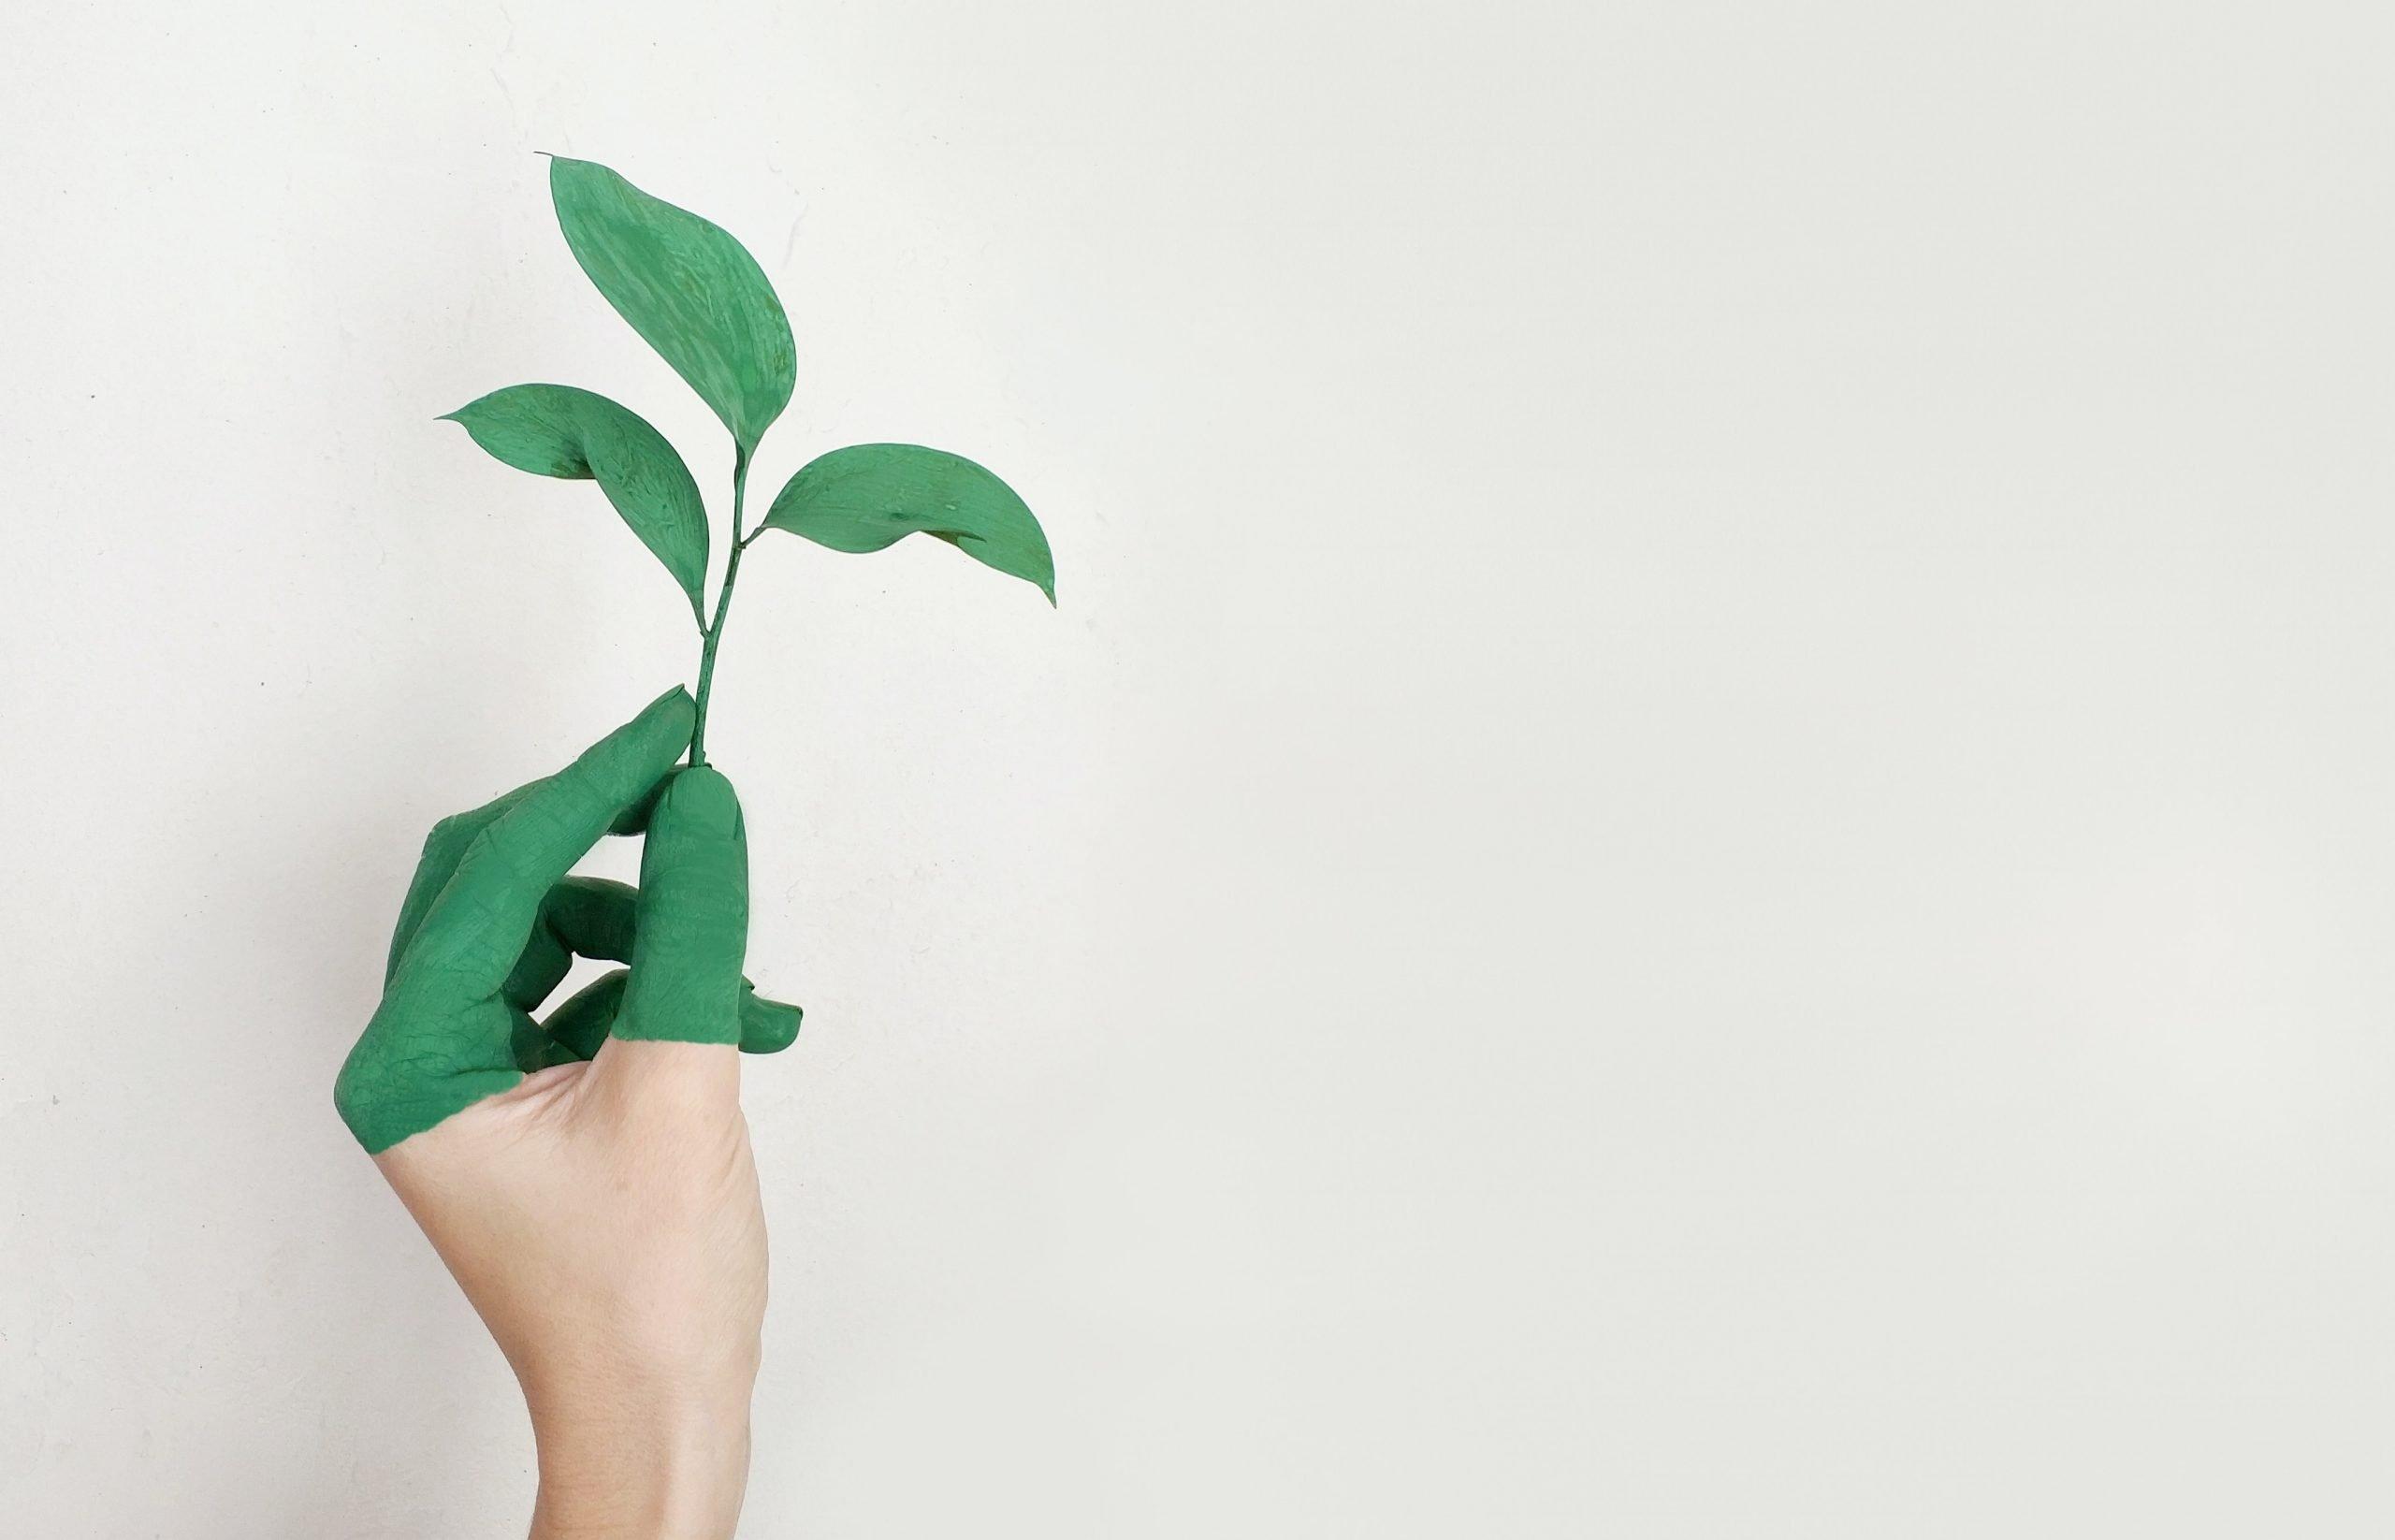 Pessoa Contribuindo Com O Marketing Verde